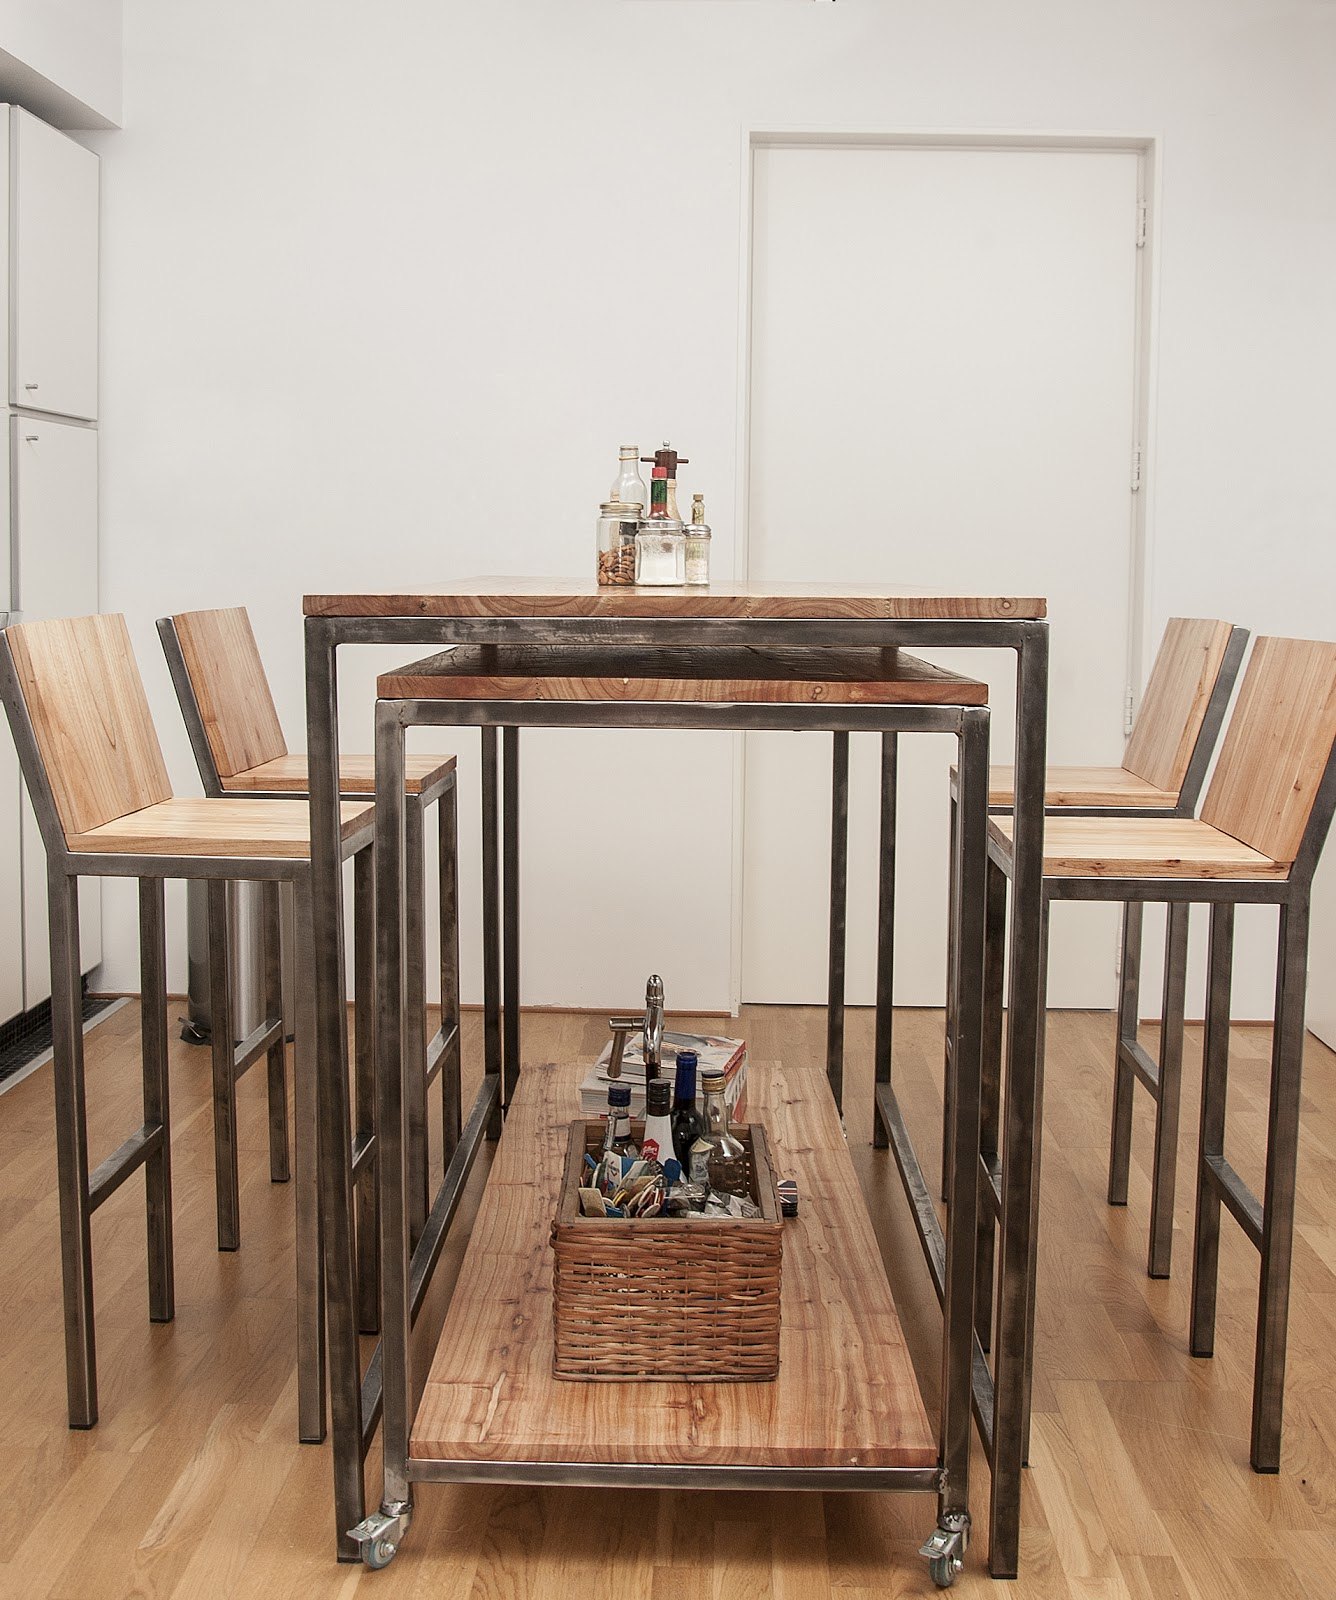 Taburete hosteleria estilo industrial taburete de hierro for Butacas para barras en madera